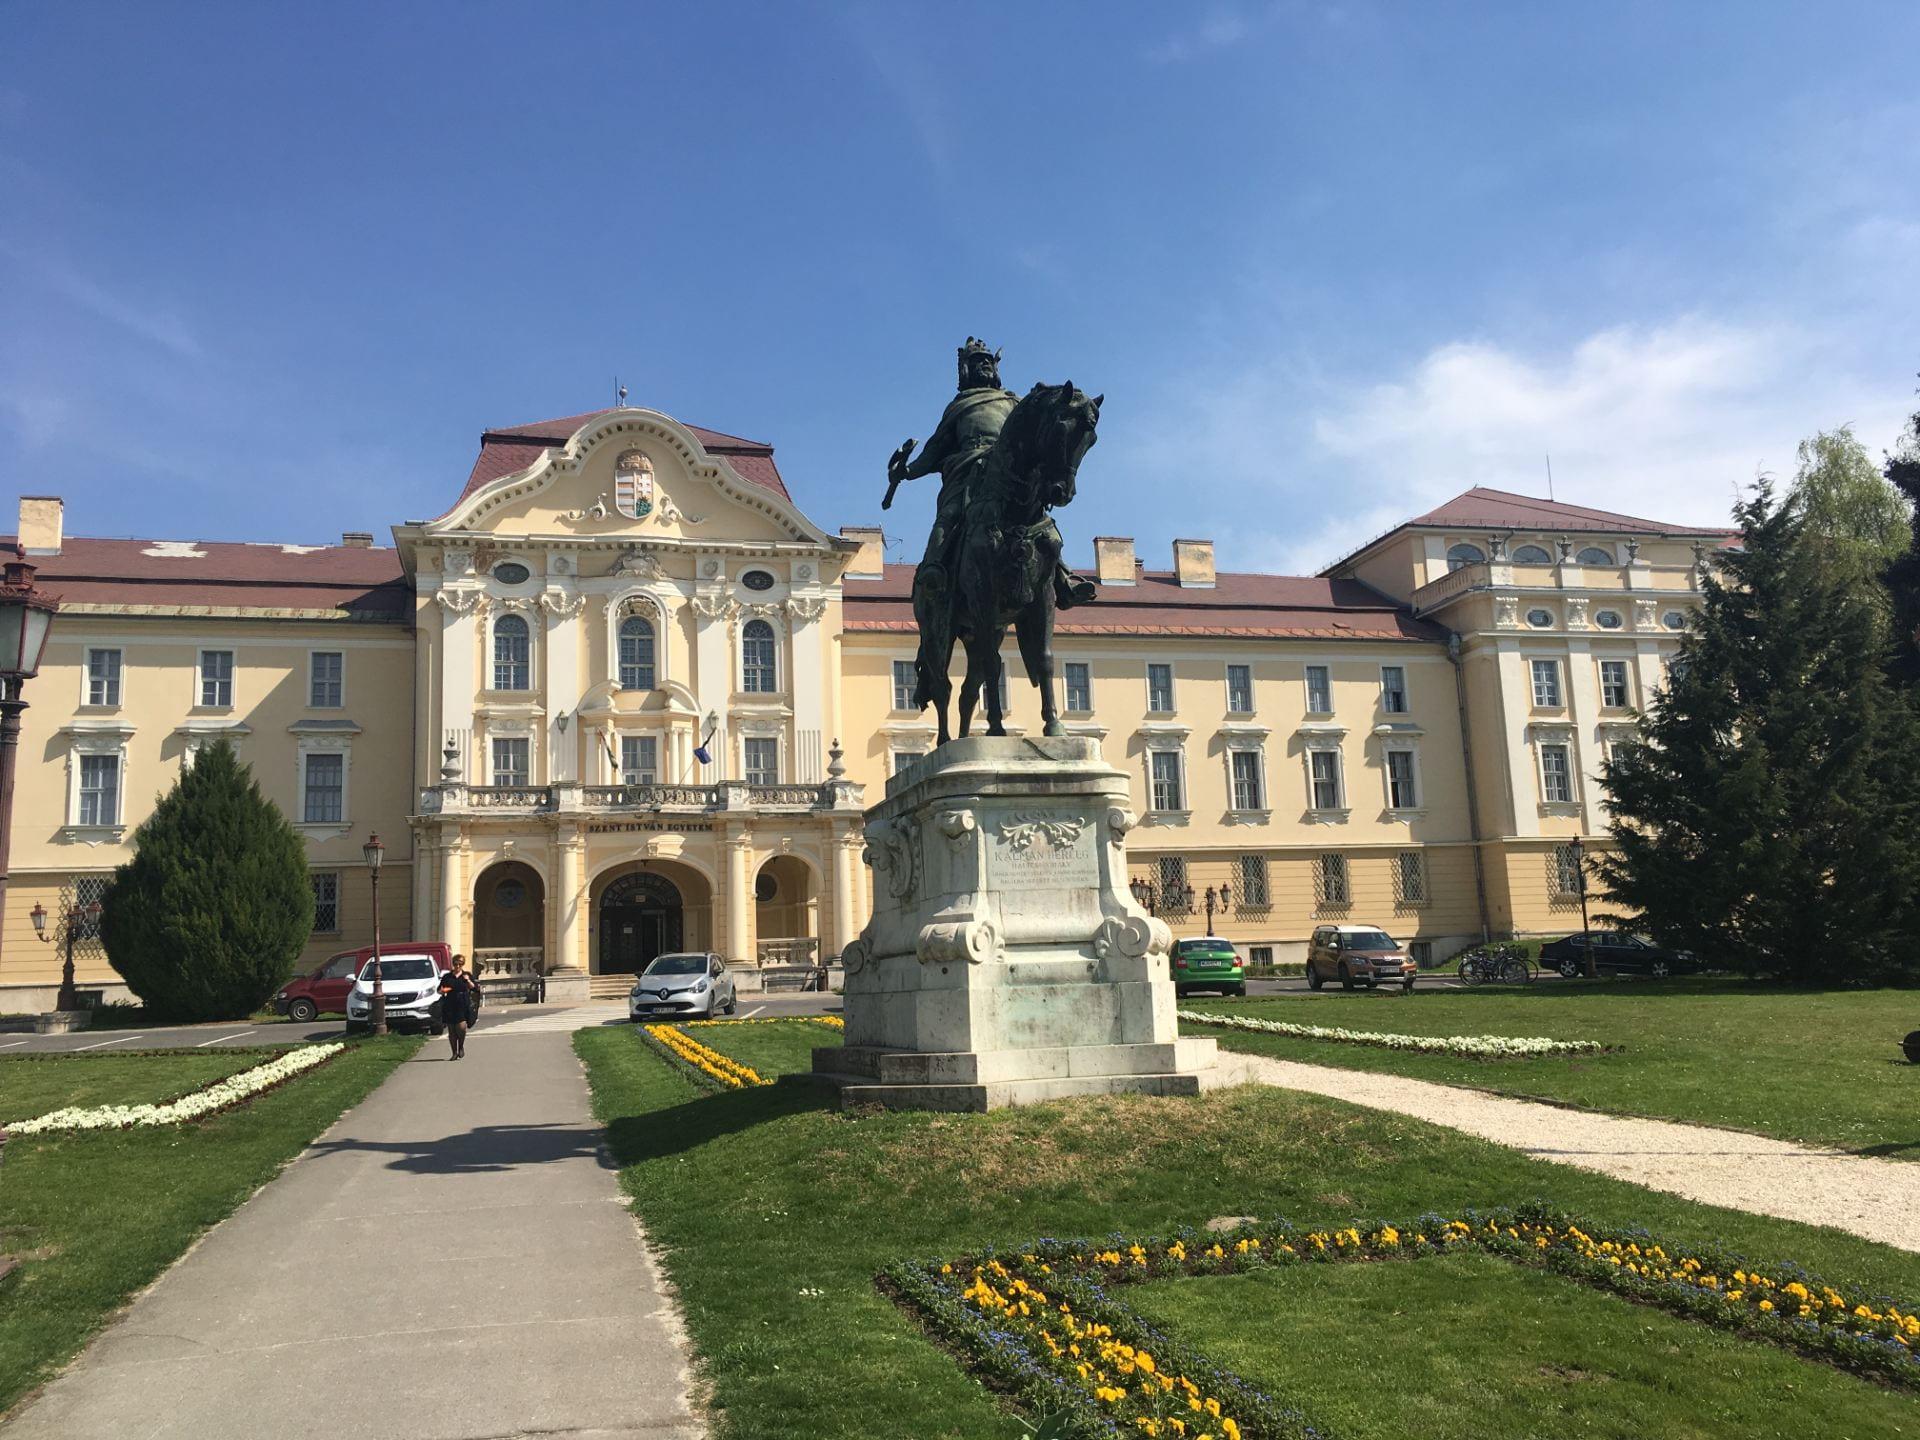 Szent Istvan University in Hungary